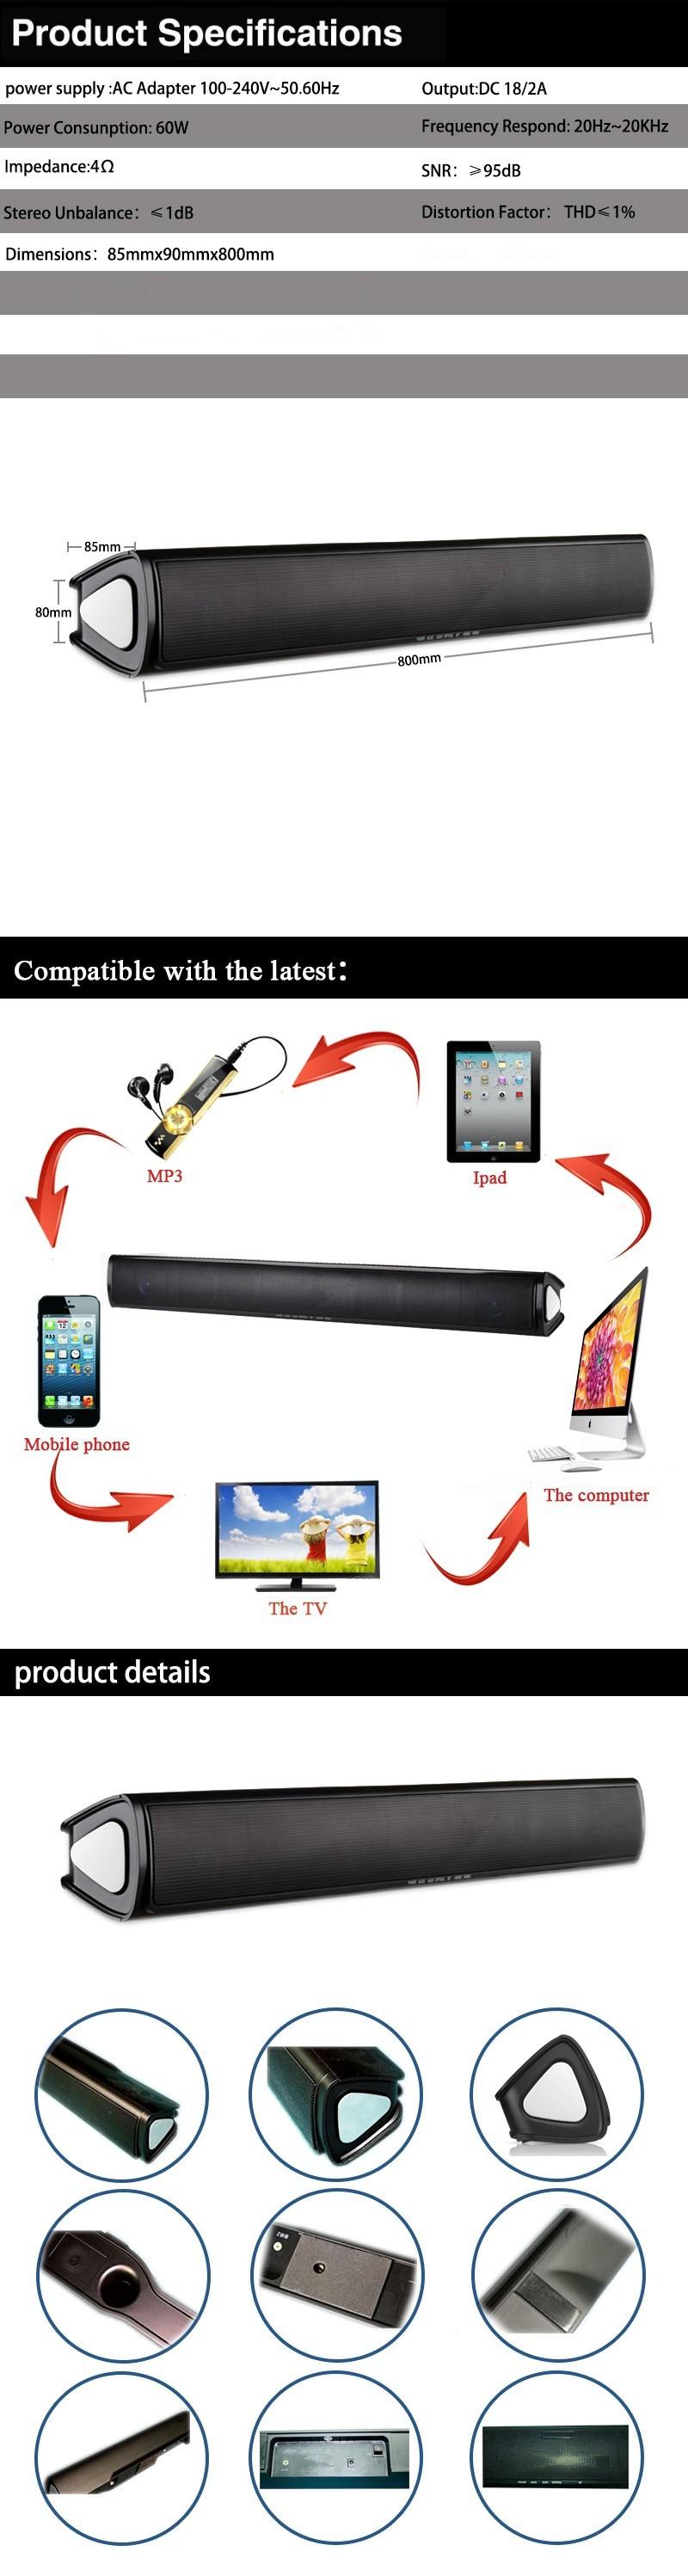 ถูก 60วัตต์บลูทูธSound Barคอลัมน์เสียงสเตอริโอไร้สายเสียงบาร์สำหรับโฮมเธียเตอร์เบสลำโพงสำหรับLED TVคอมพิวเตอร์ลำโพง